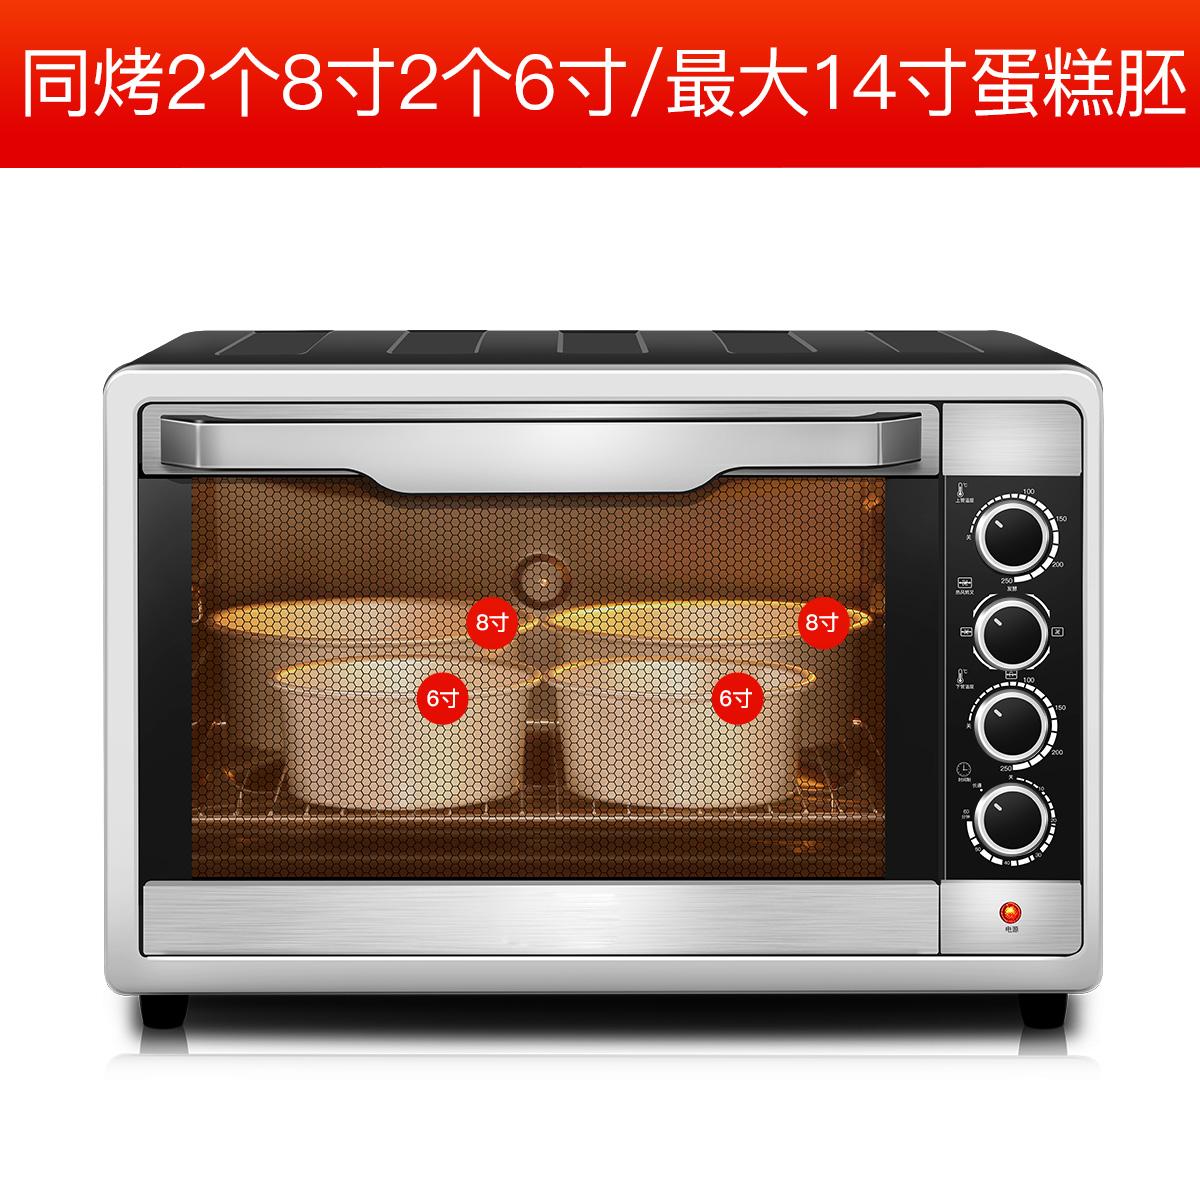 长实 CS70-02月饼烤箱家用烘焙多功能全自动大容量70升商用电烤箱